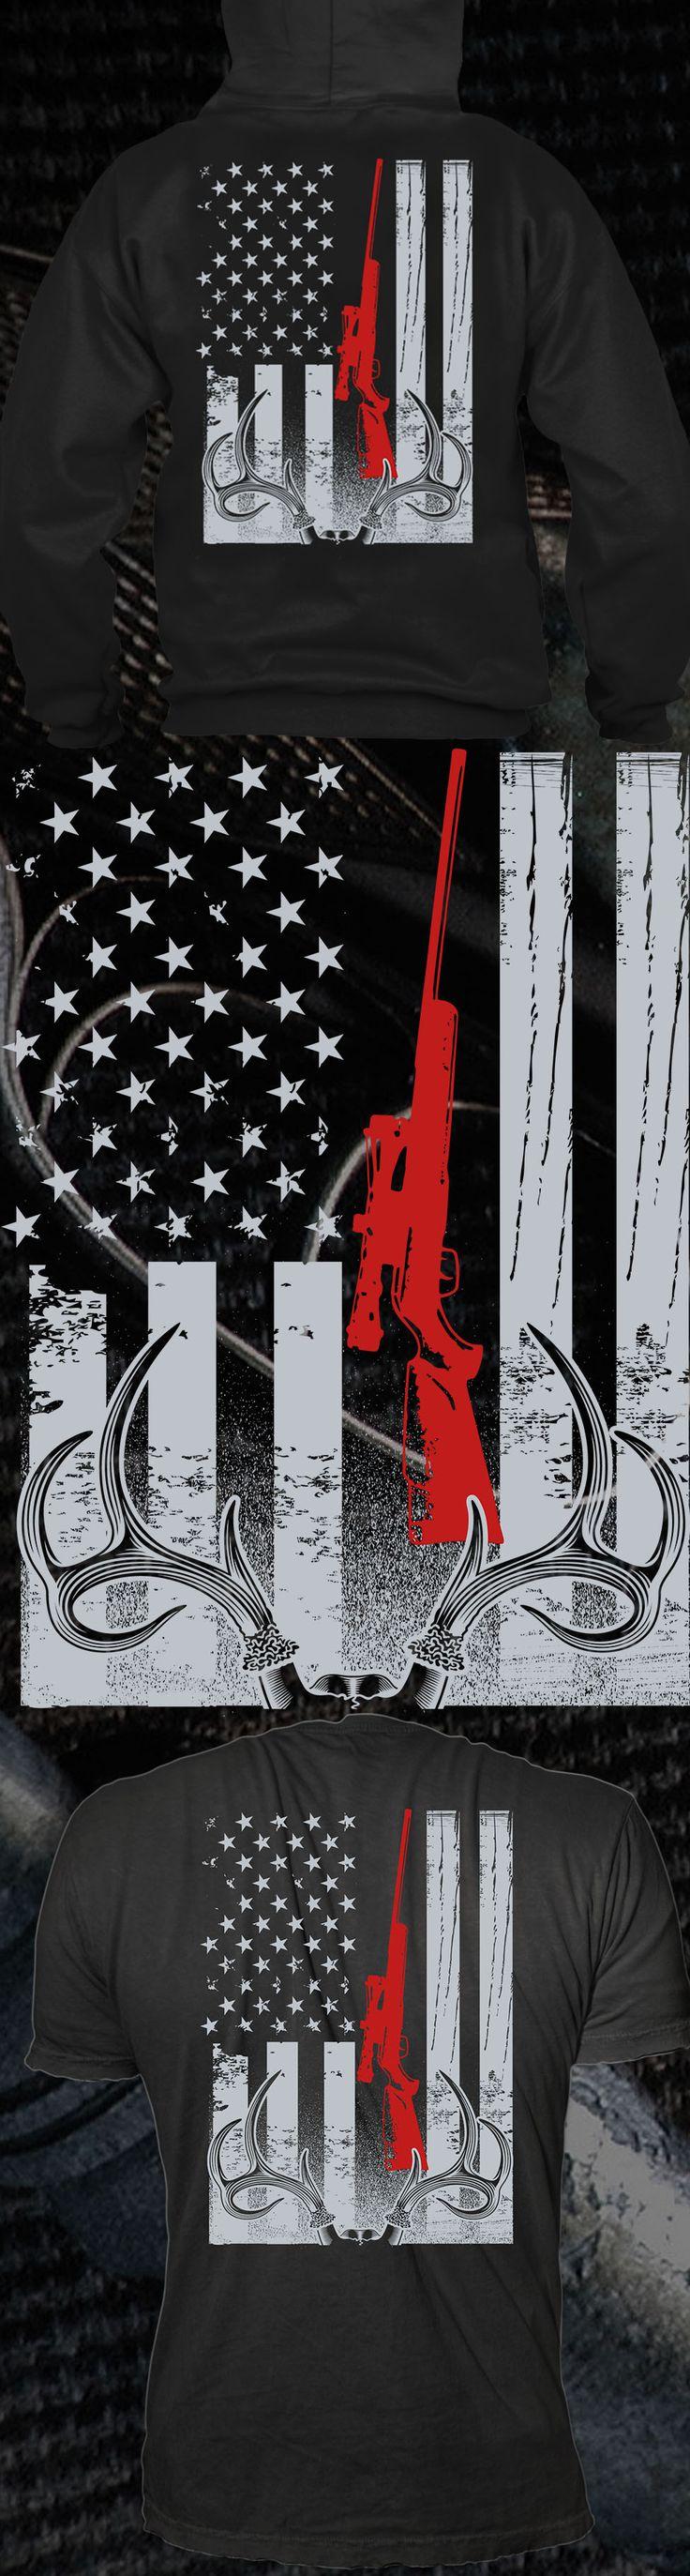 american flag jordan 11